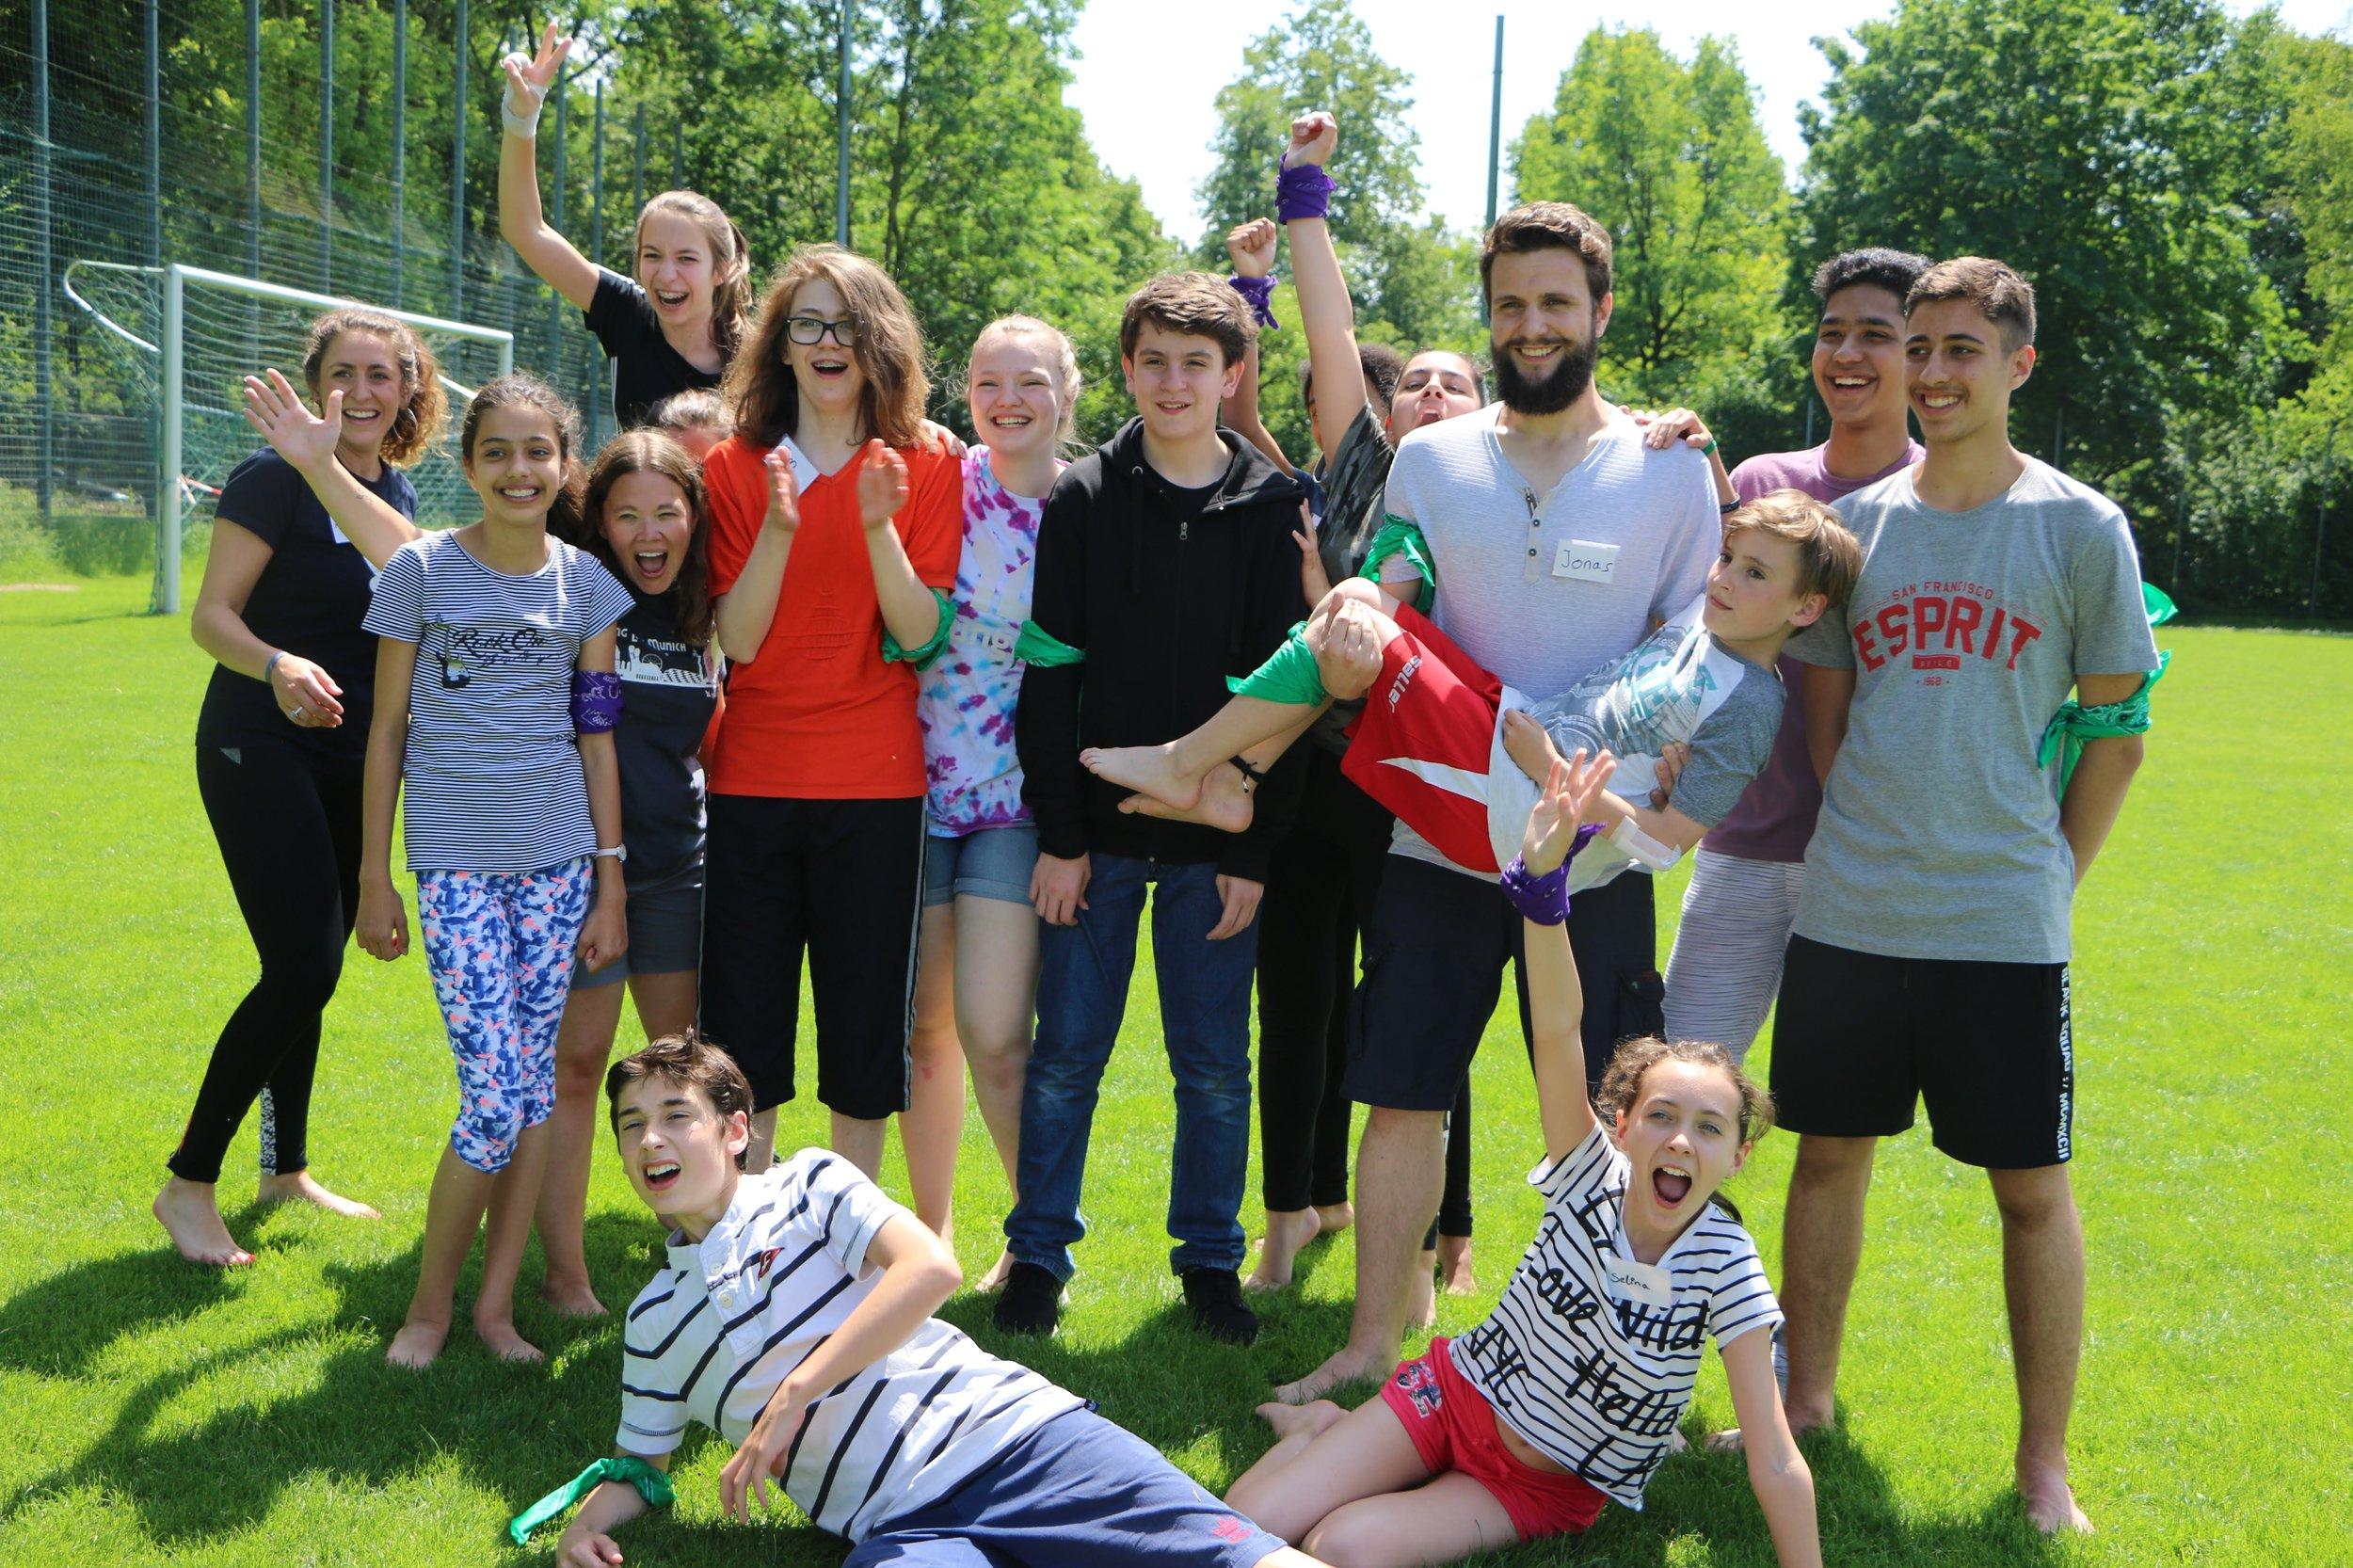 """All Camp Action - Ganz im Sinne von """"Active English"""" gibt es jeden Tag Aktion für alle zusammen. So wird das Englisch Camp eine einmalige Woche."""